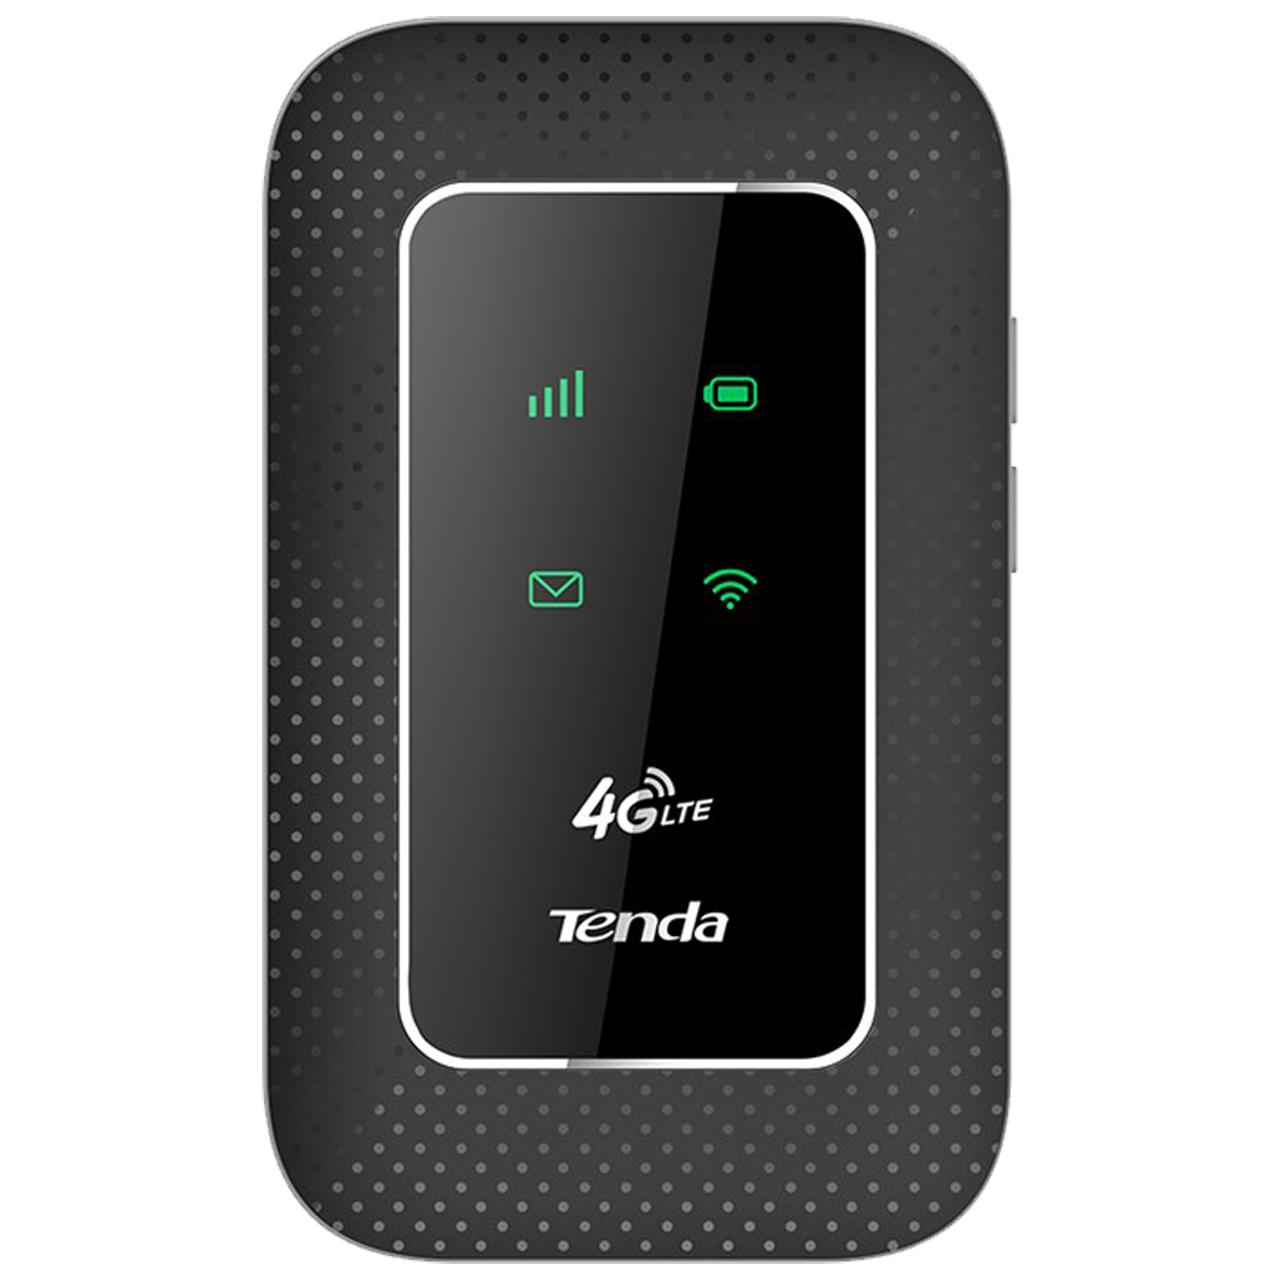 مودم 4G قابل حمل تندا کد 180 به همراه 10 گیگابایت اینترنت